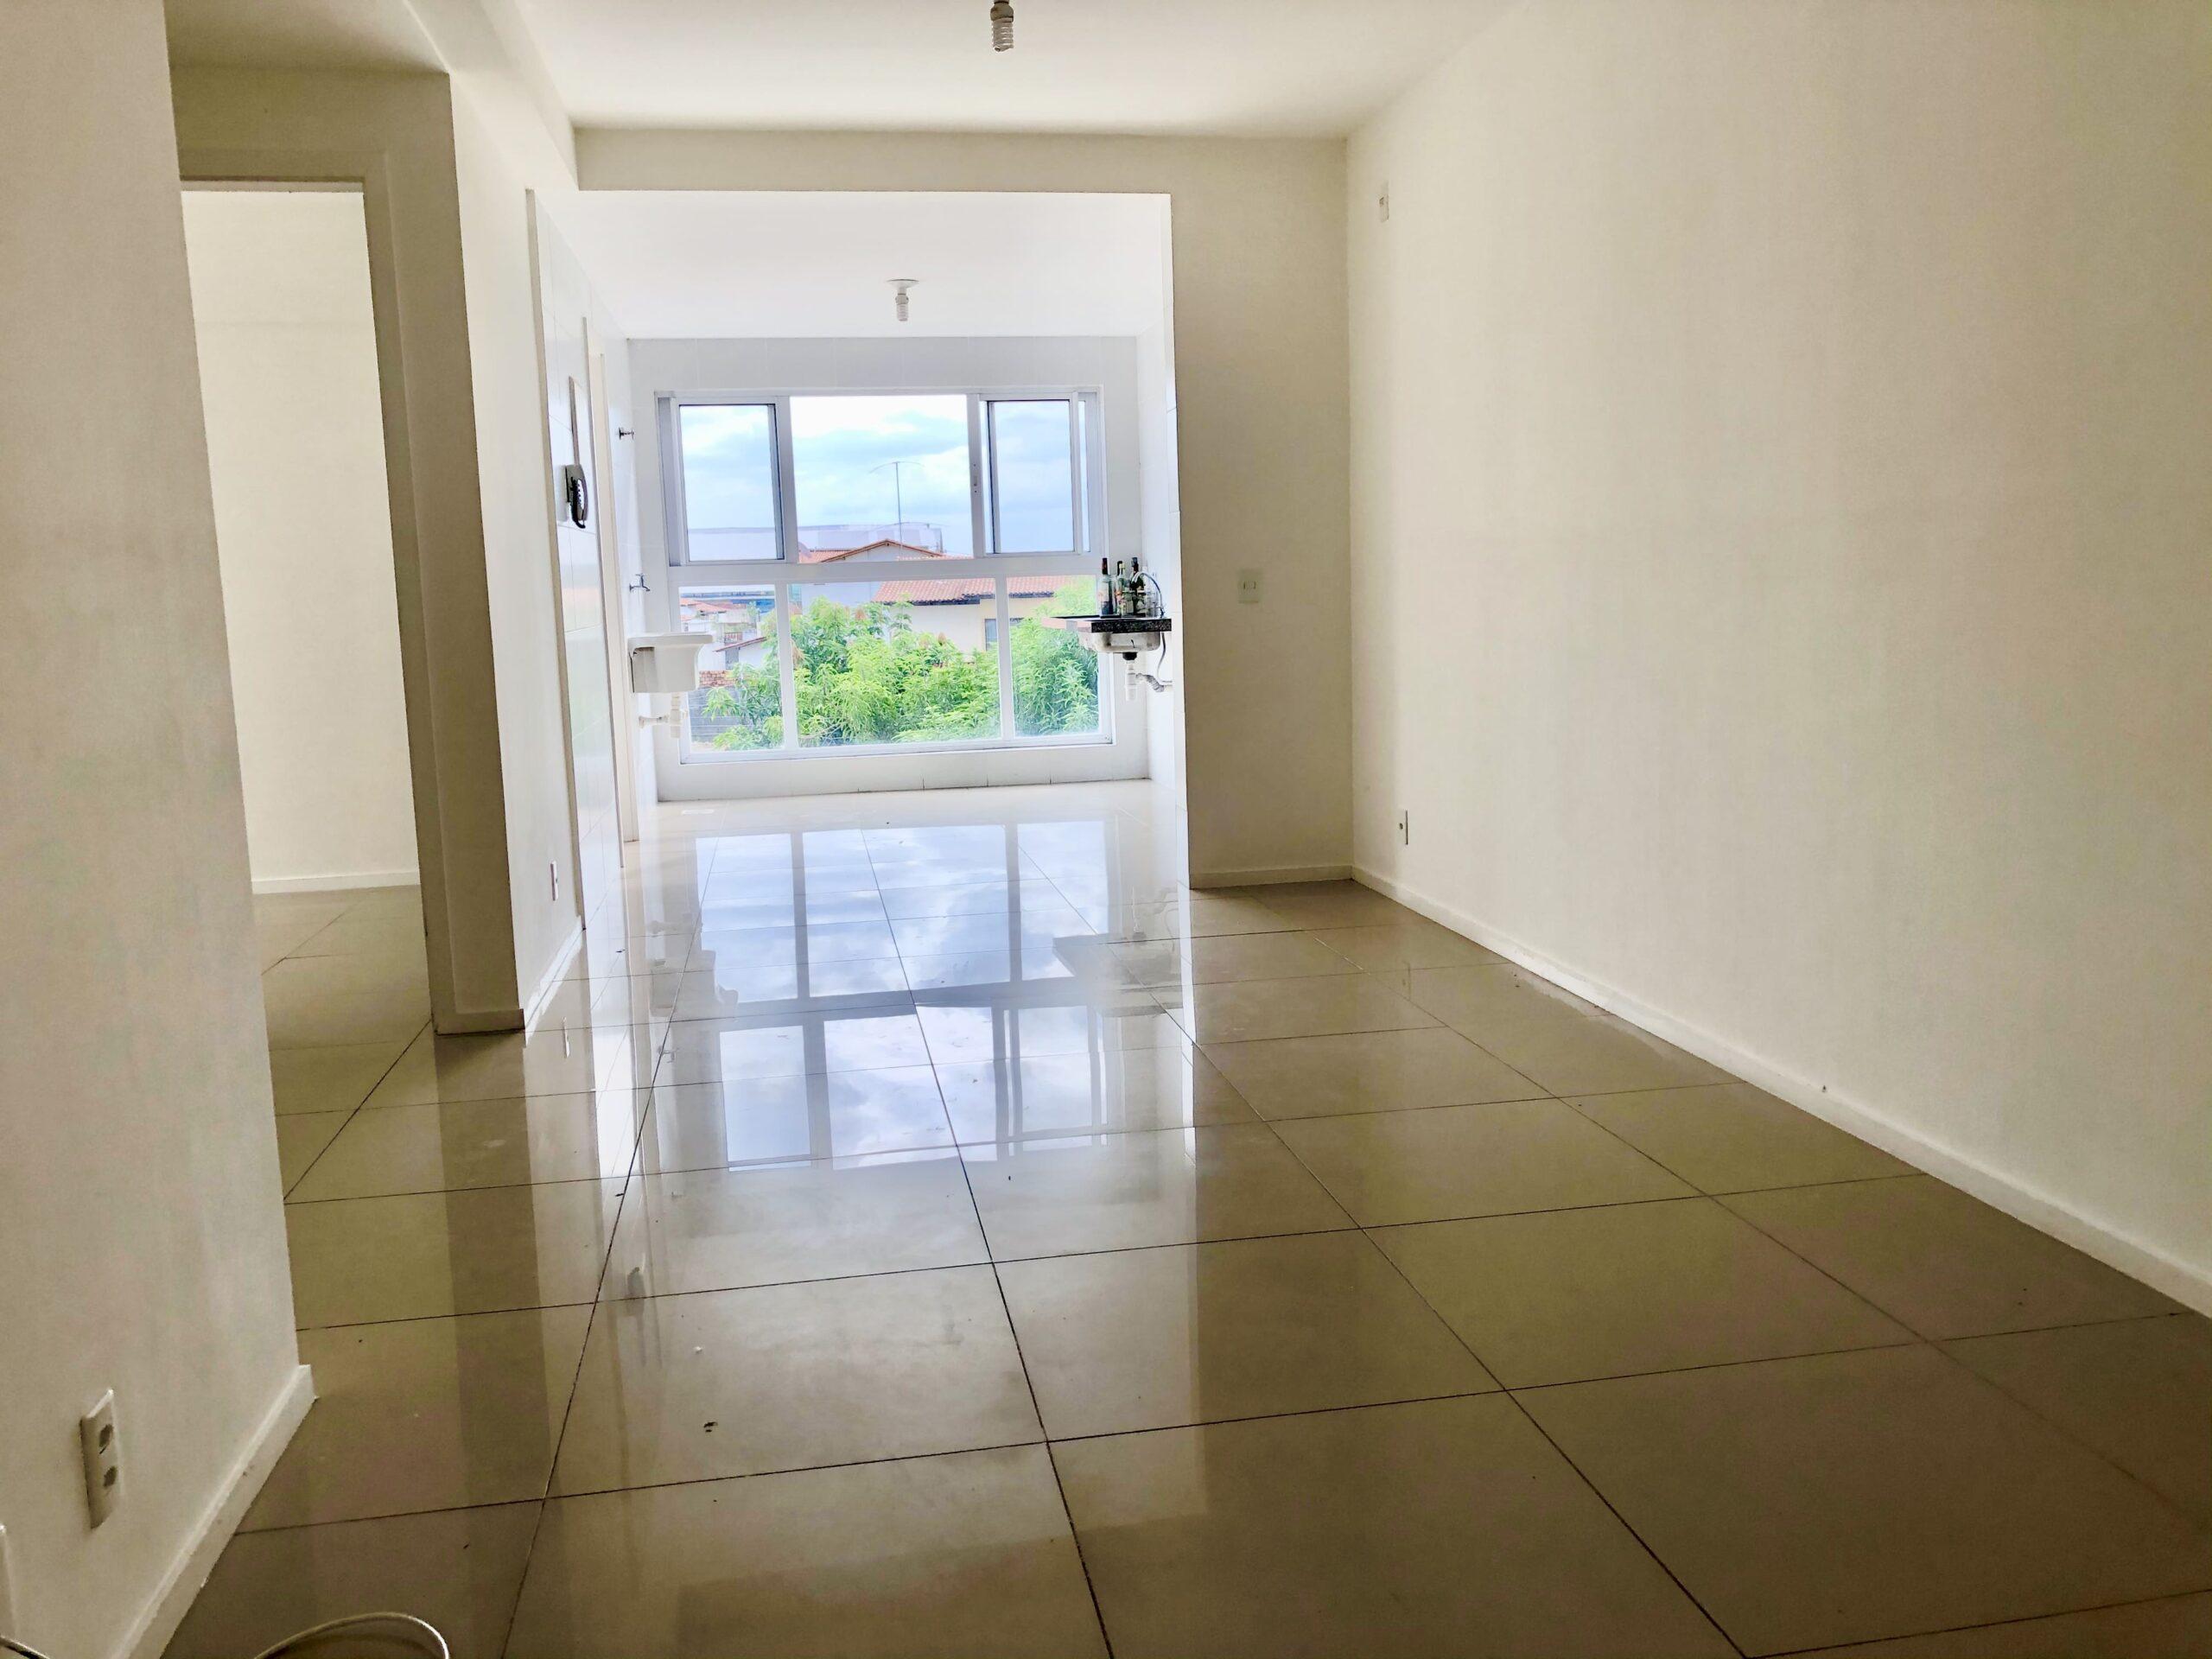 2 Apartamento para venda no Edifício Recanto das Palmeiras Teresina,3 Quartos, sendo 1 suíte, banheiro social, 1 vaga, piso em porcelanato